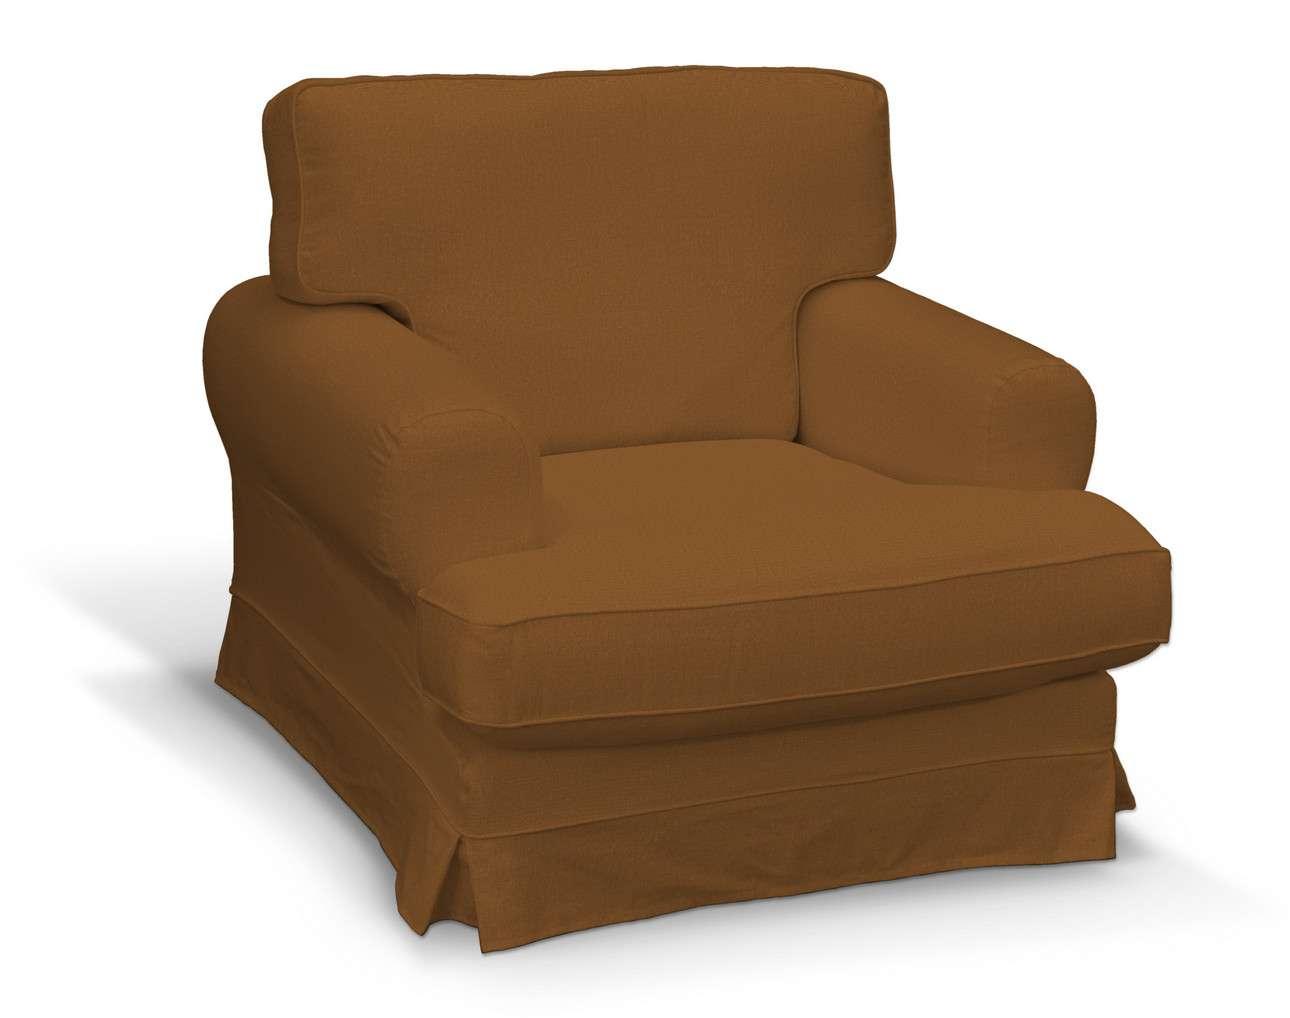 Bezug für Ekeskog Sessel von der Kollektion Living II, Stoff: 161-28